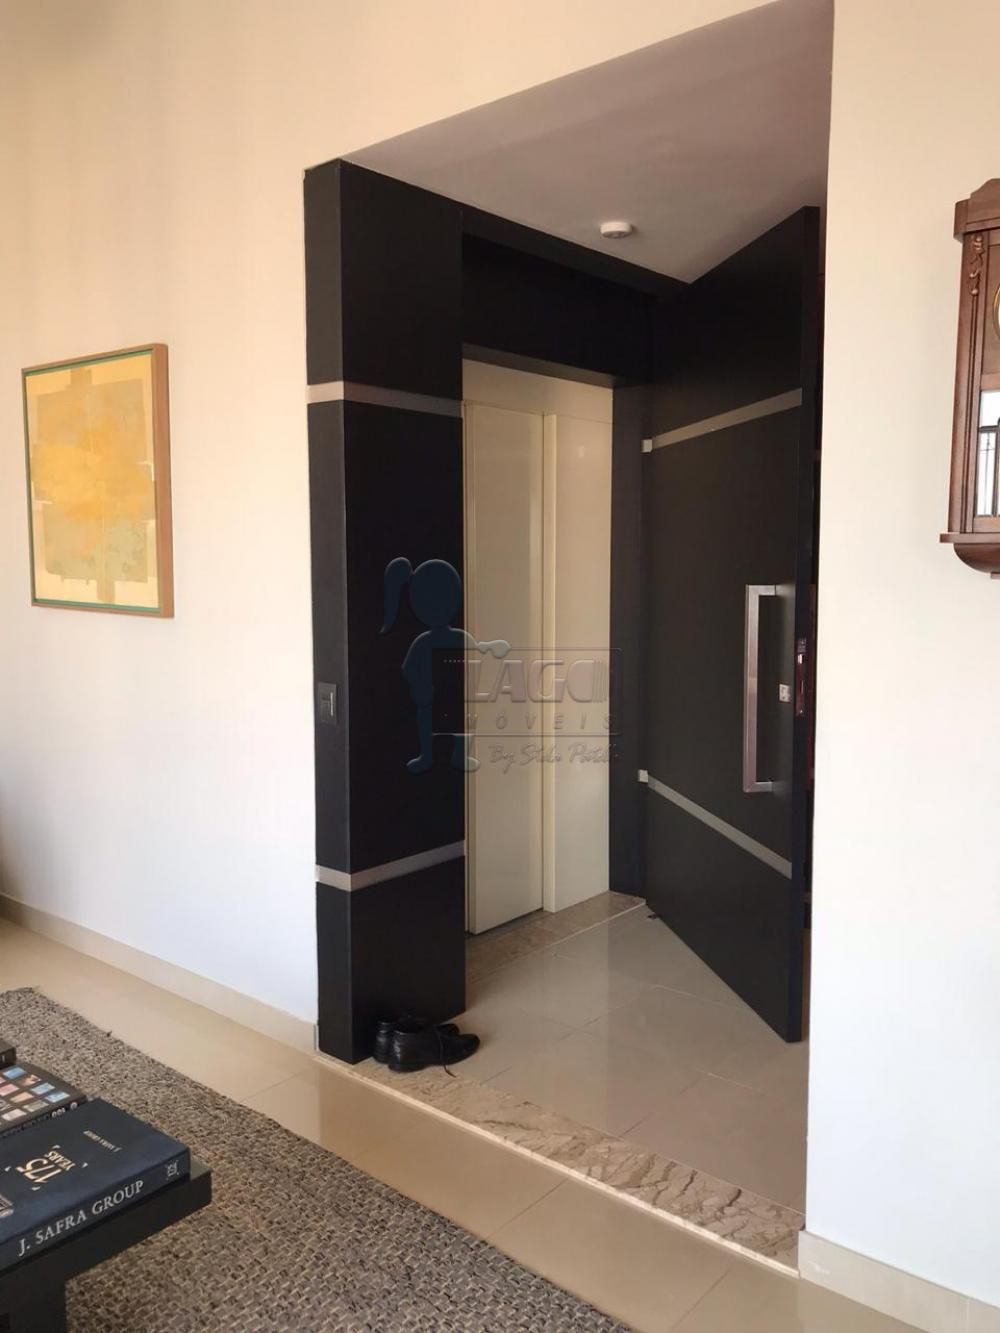 Comprar Apartamento / Cobertura em Ribeirão Preto apenas R$ 2.200.000,00 - Foto 19